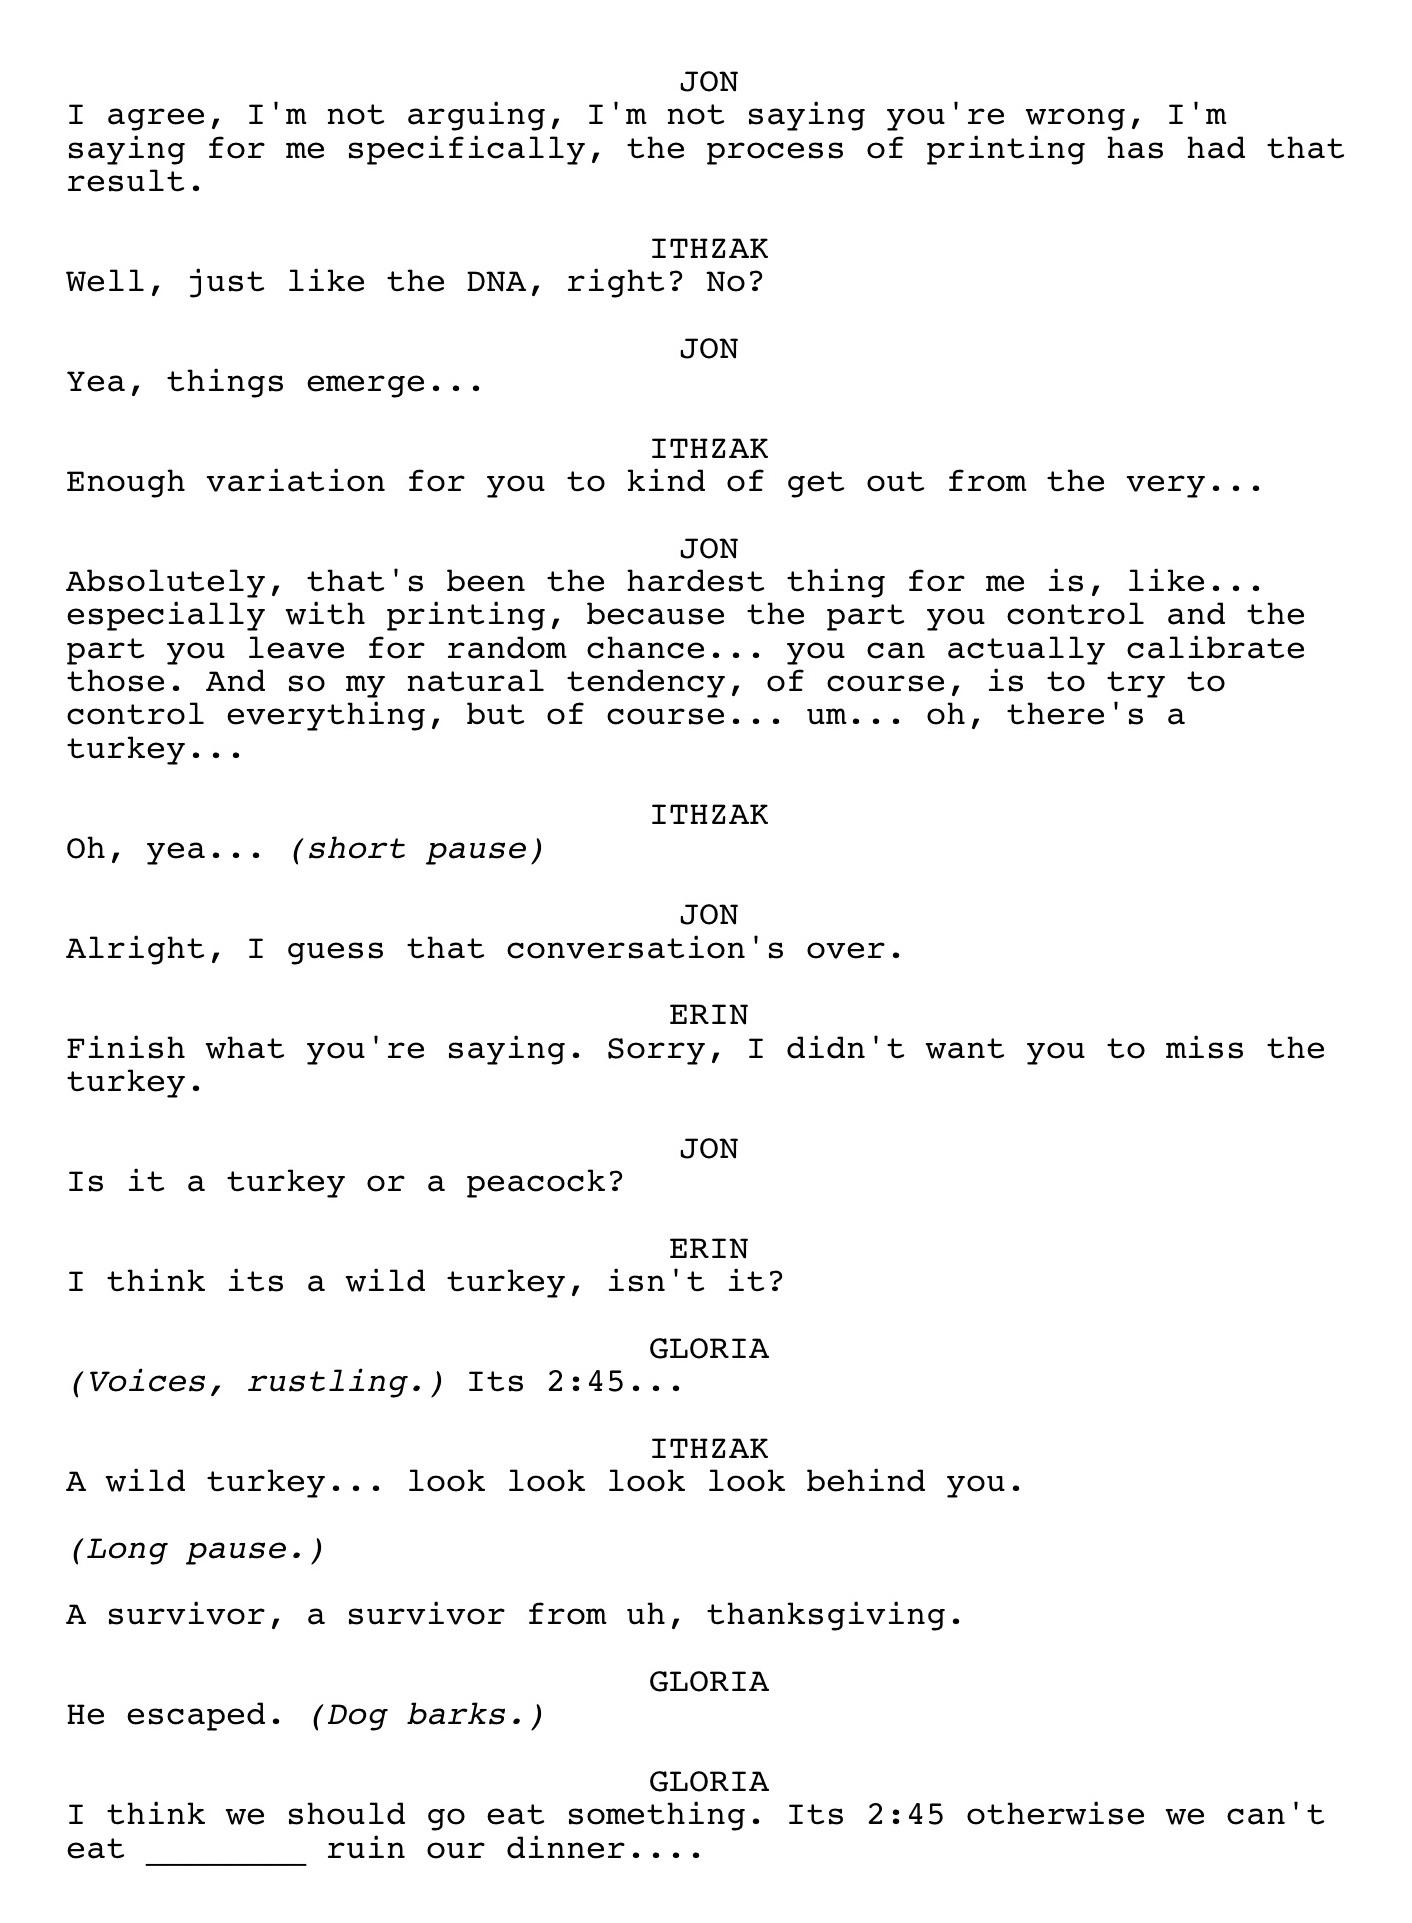 (transcription - last page)